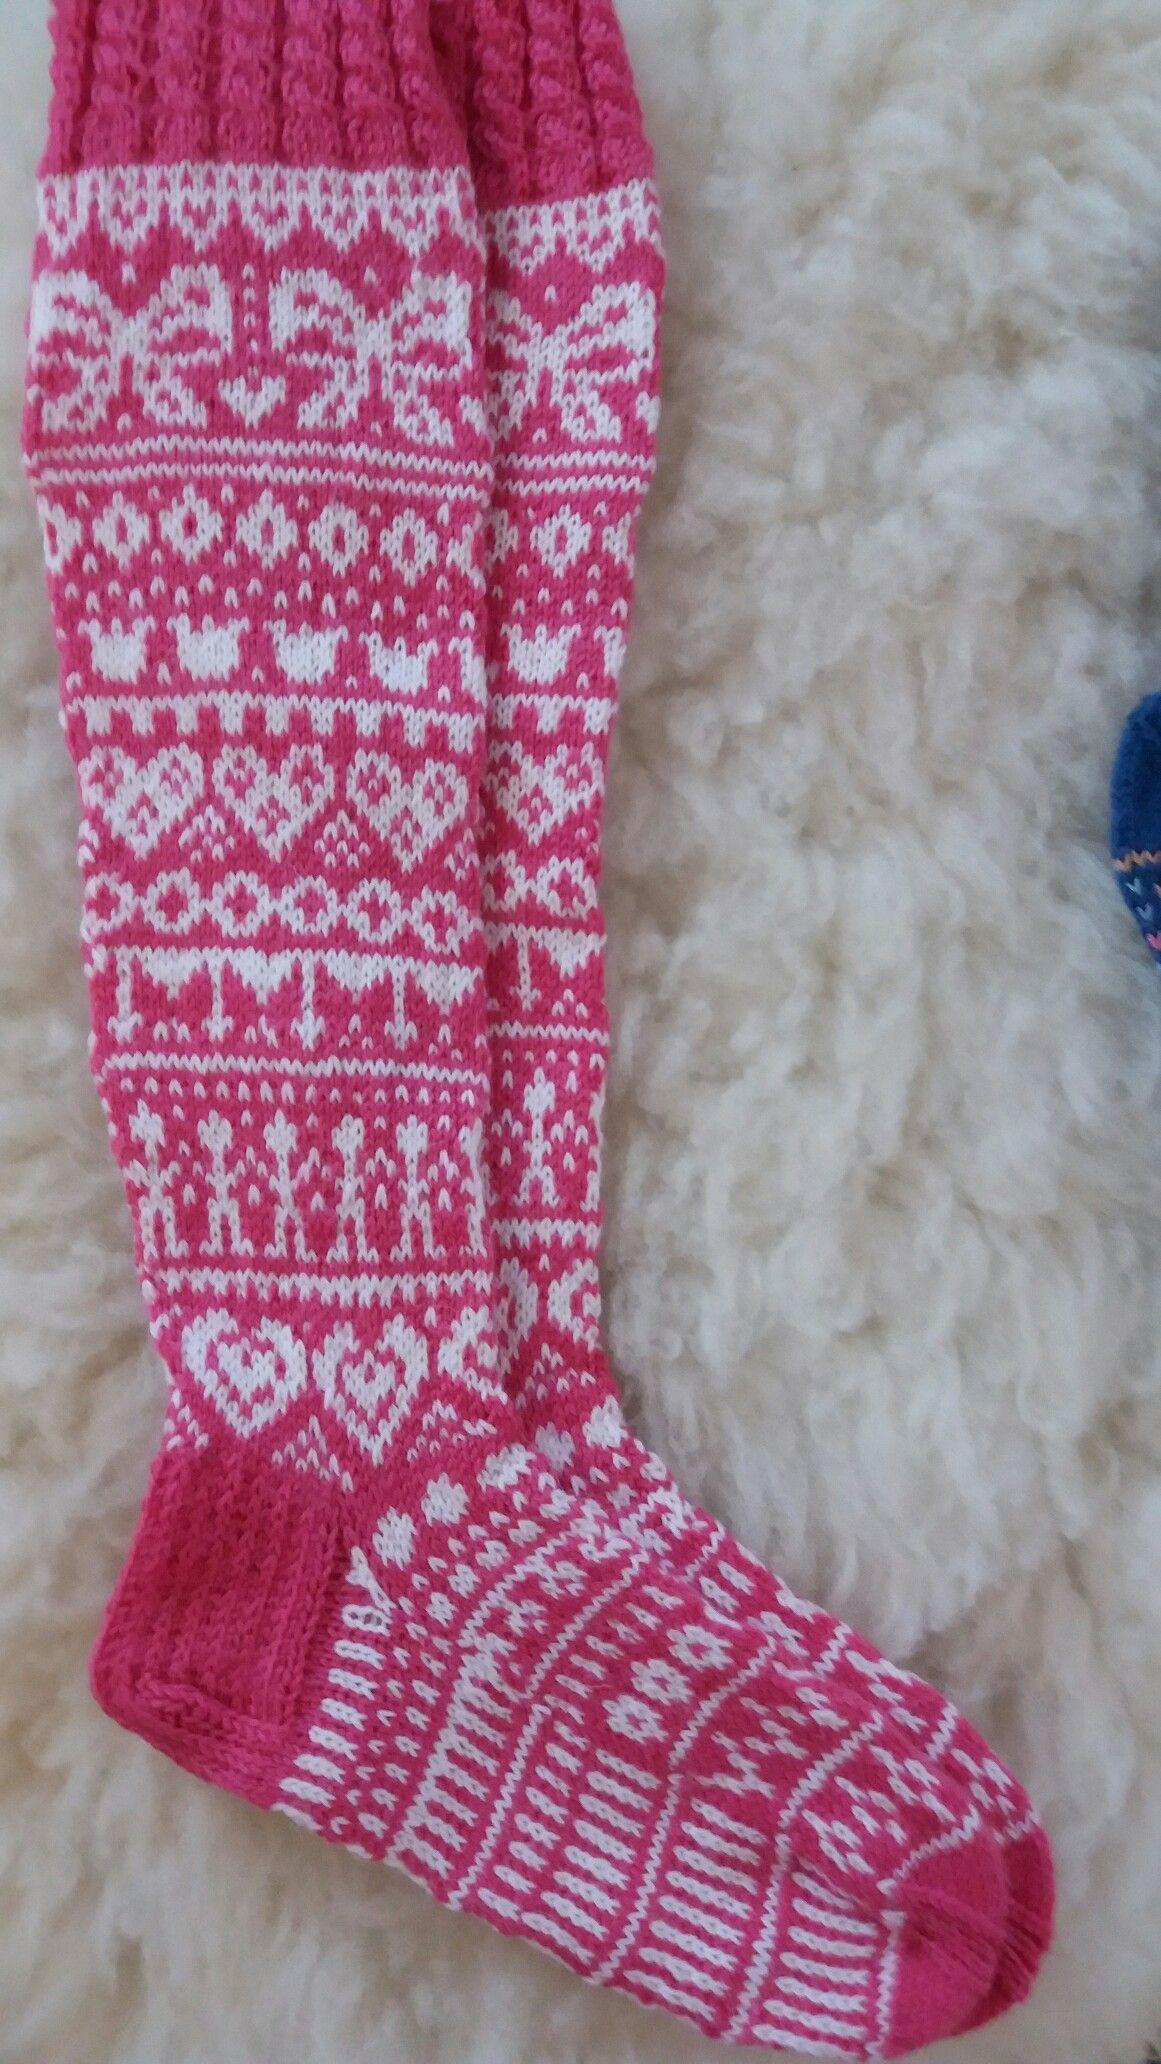 joulukalenteri sukka 2018 Nämä ystävänpäivä sukat vähän muutin mallia 9.02.2018 | sokker  joulukalenteri sukka 2018